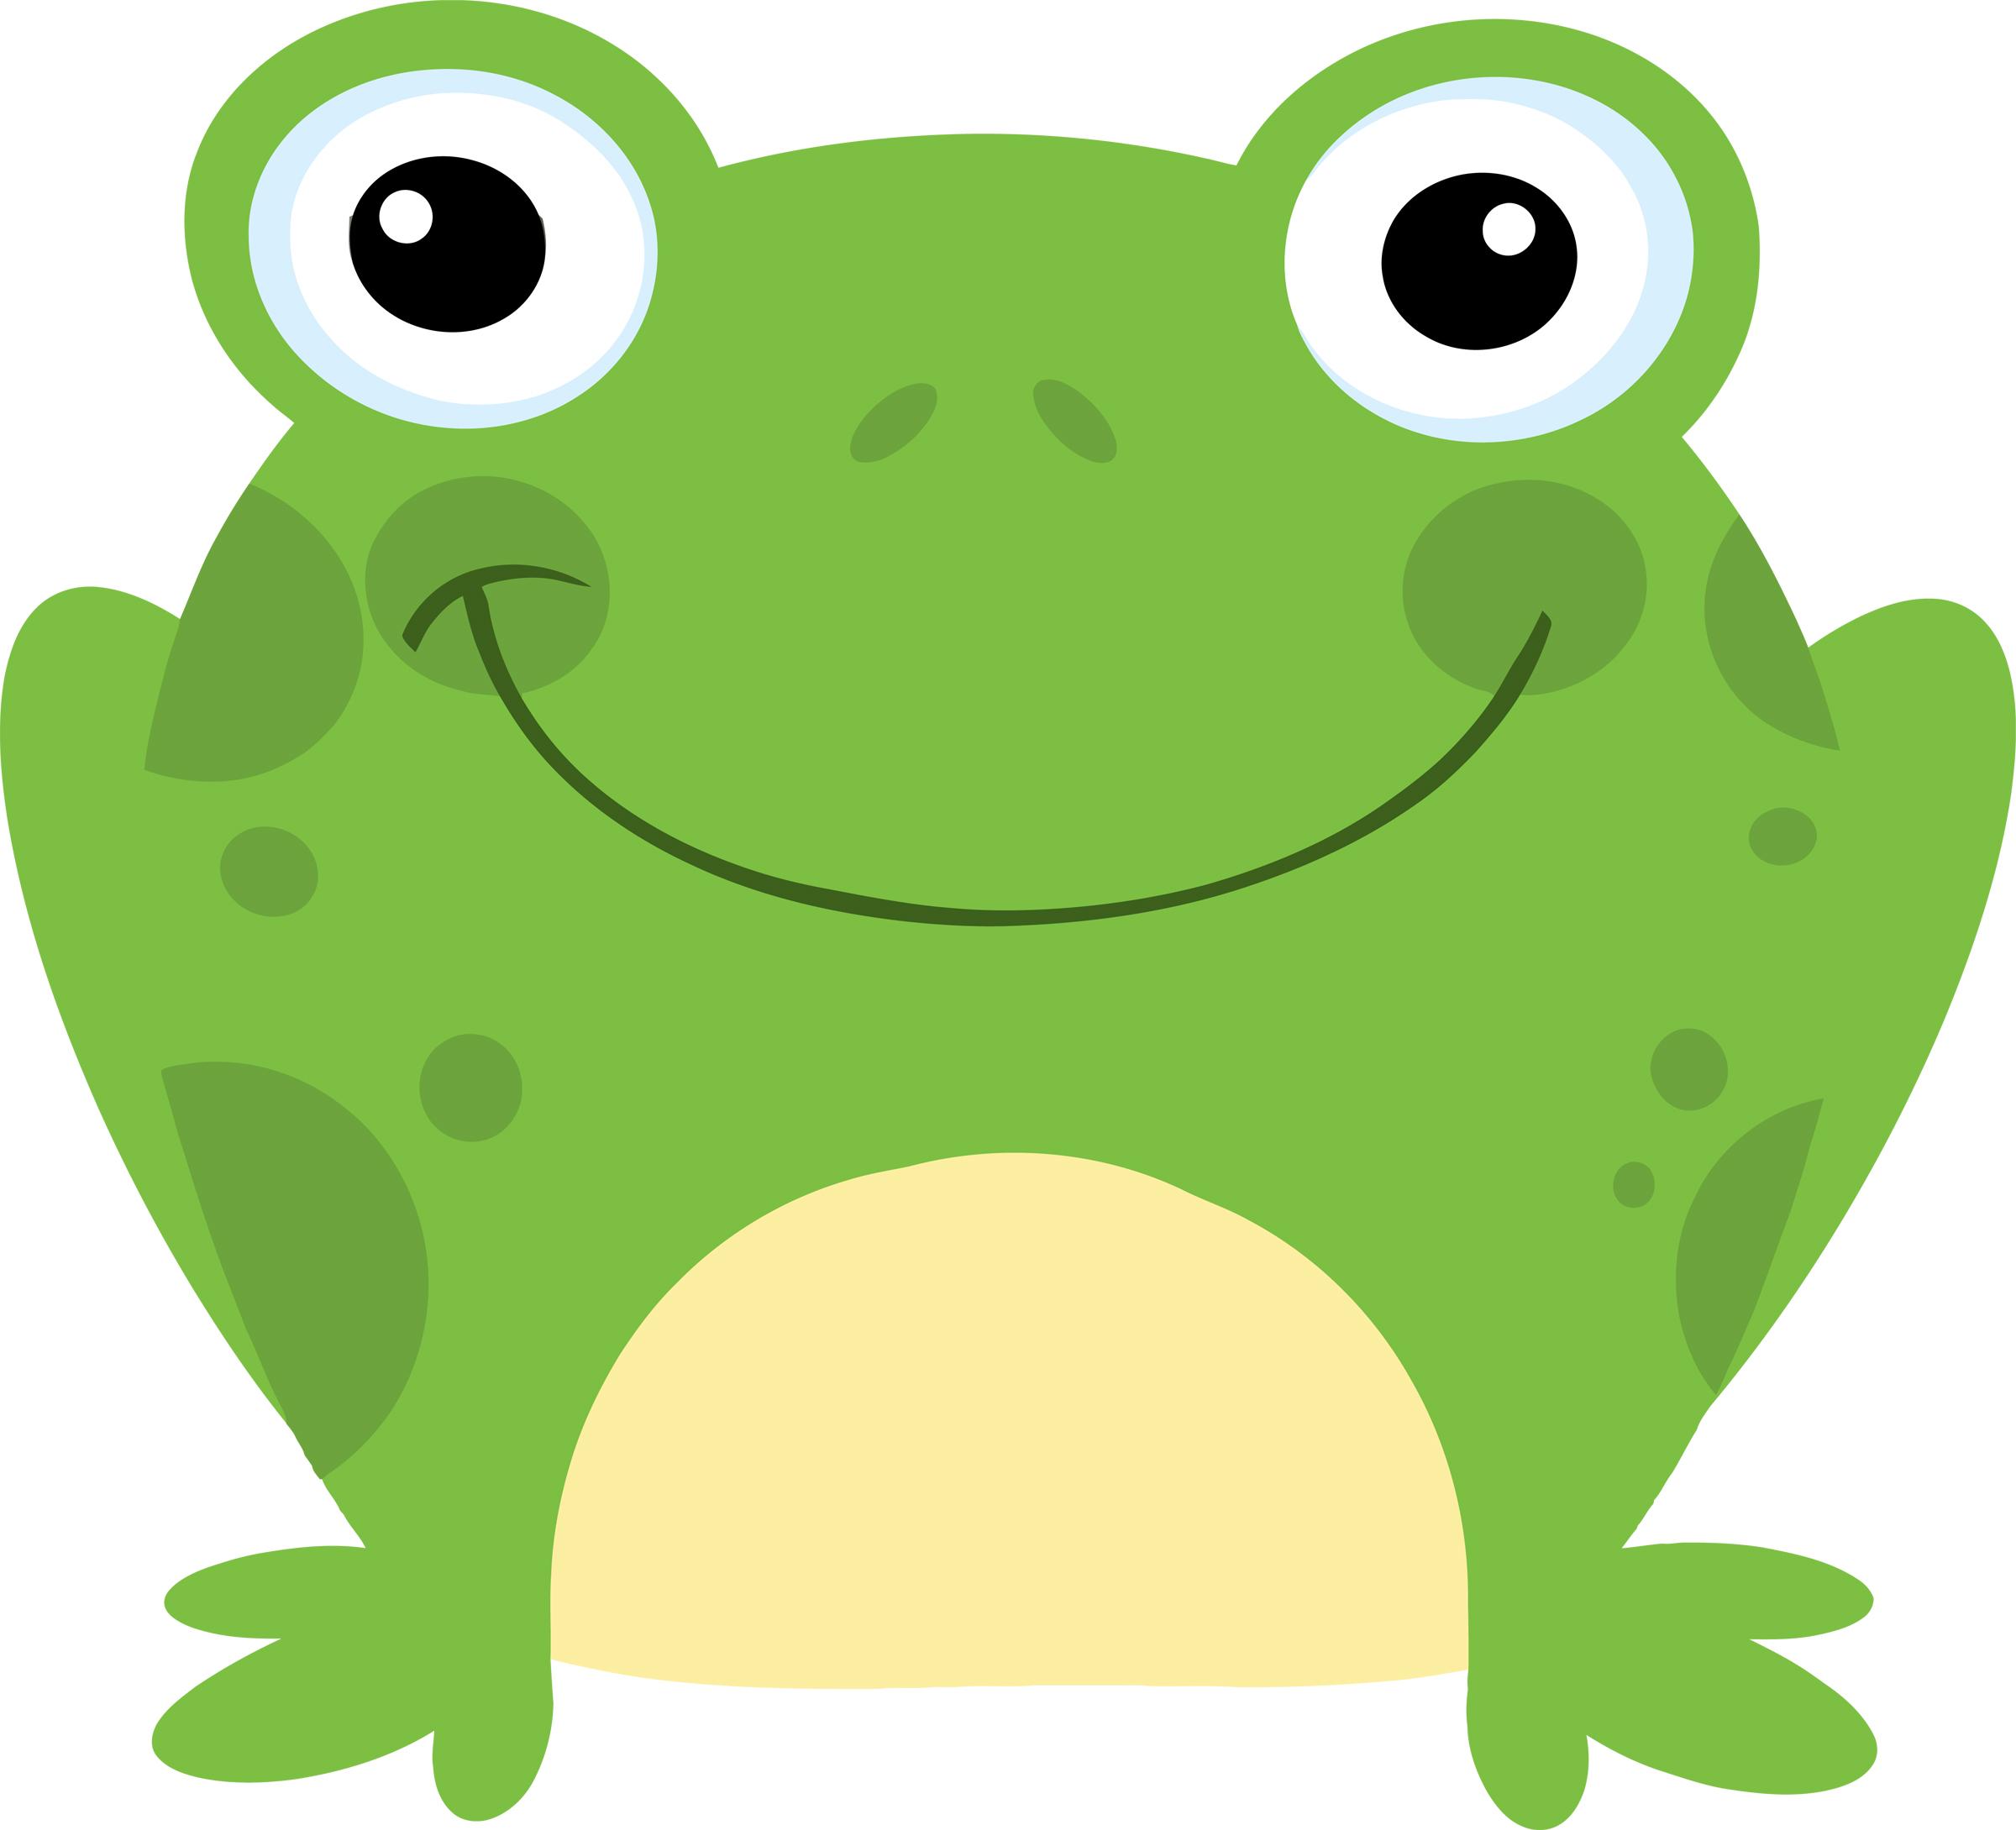 Toad clipart cutefrog. Preschool frog